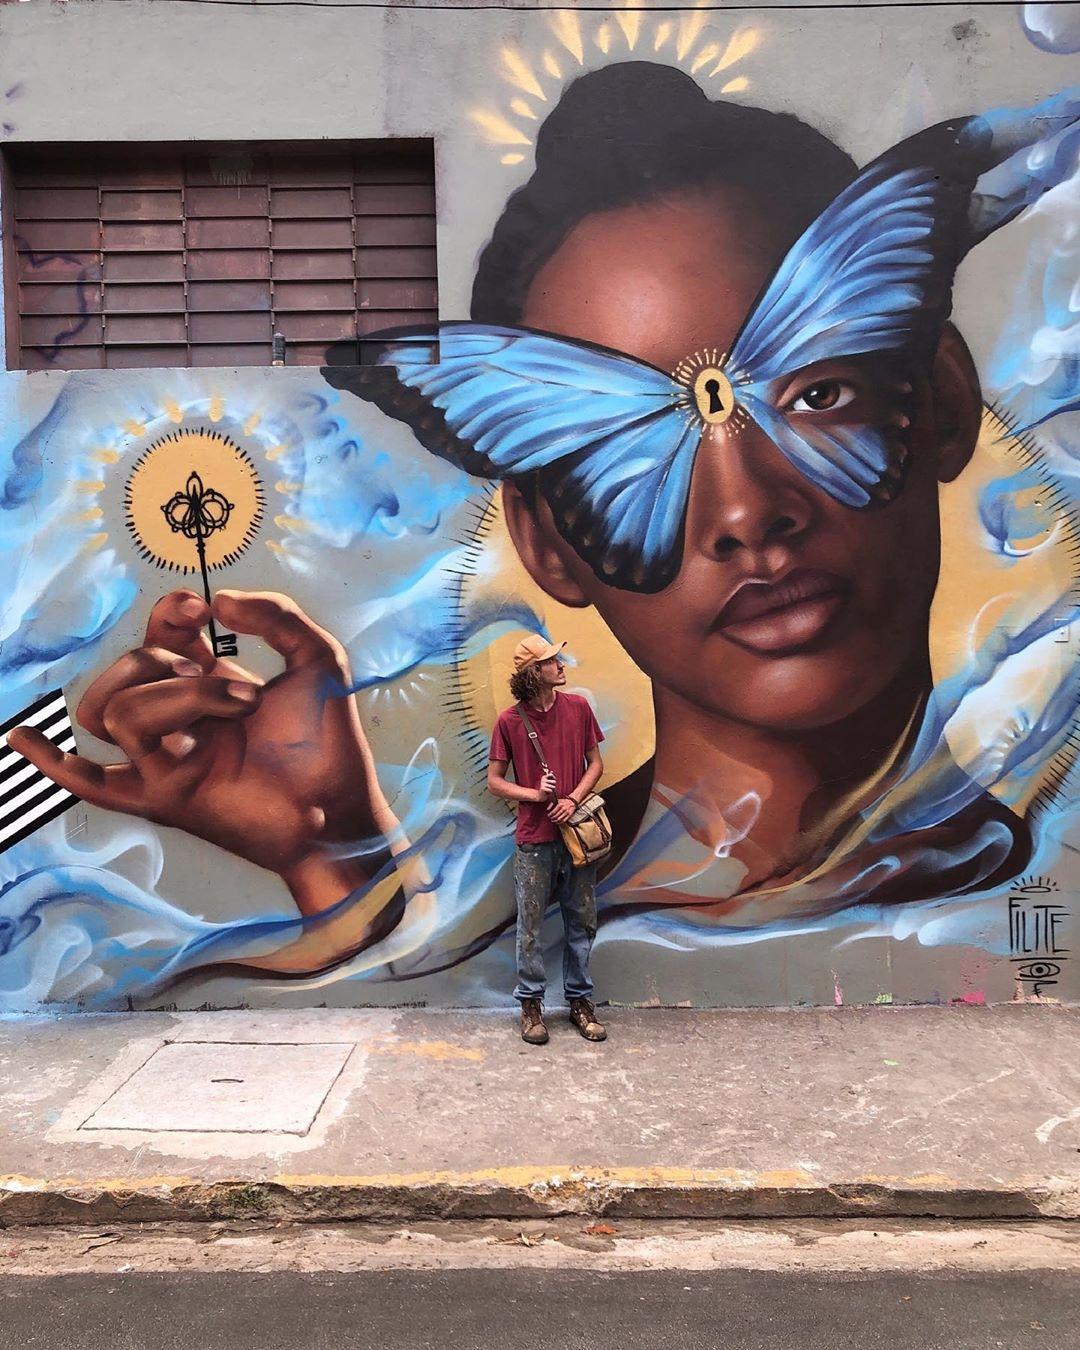 Filite @ Taboão da Serra, Brazil